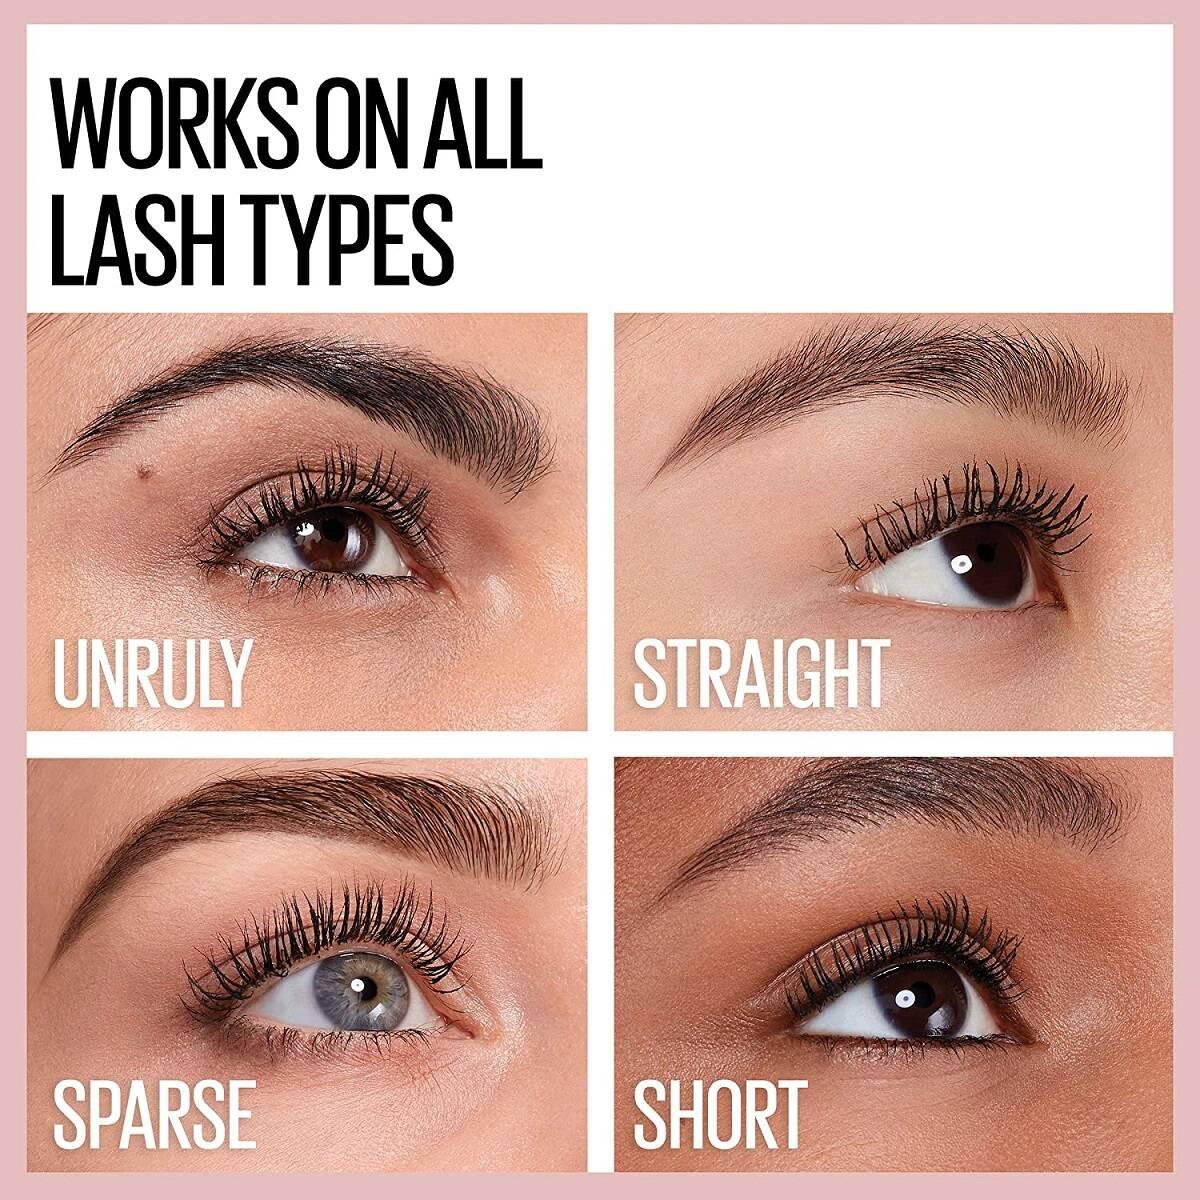 ریمل حجم دهنده و بلندکننده Sensational میبلین اصل افزایش طول و ضخیم کننده مژه - Maybelline Cils Lash Sensational Mascara